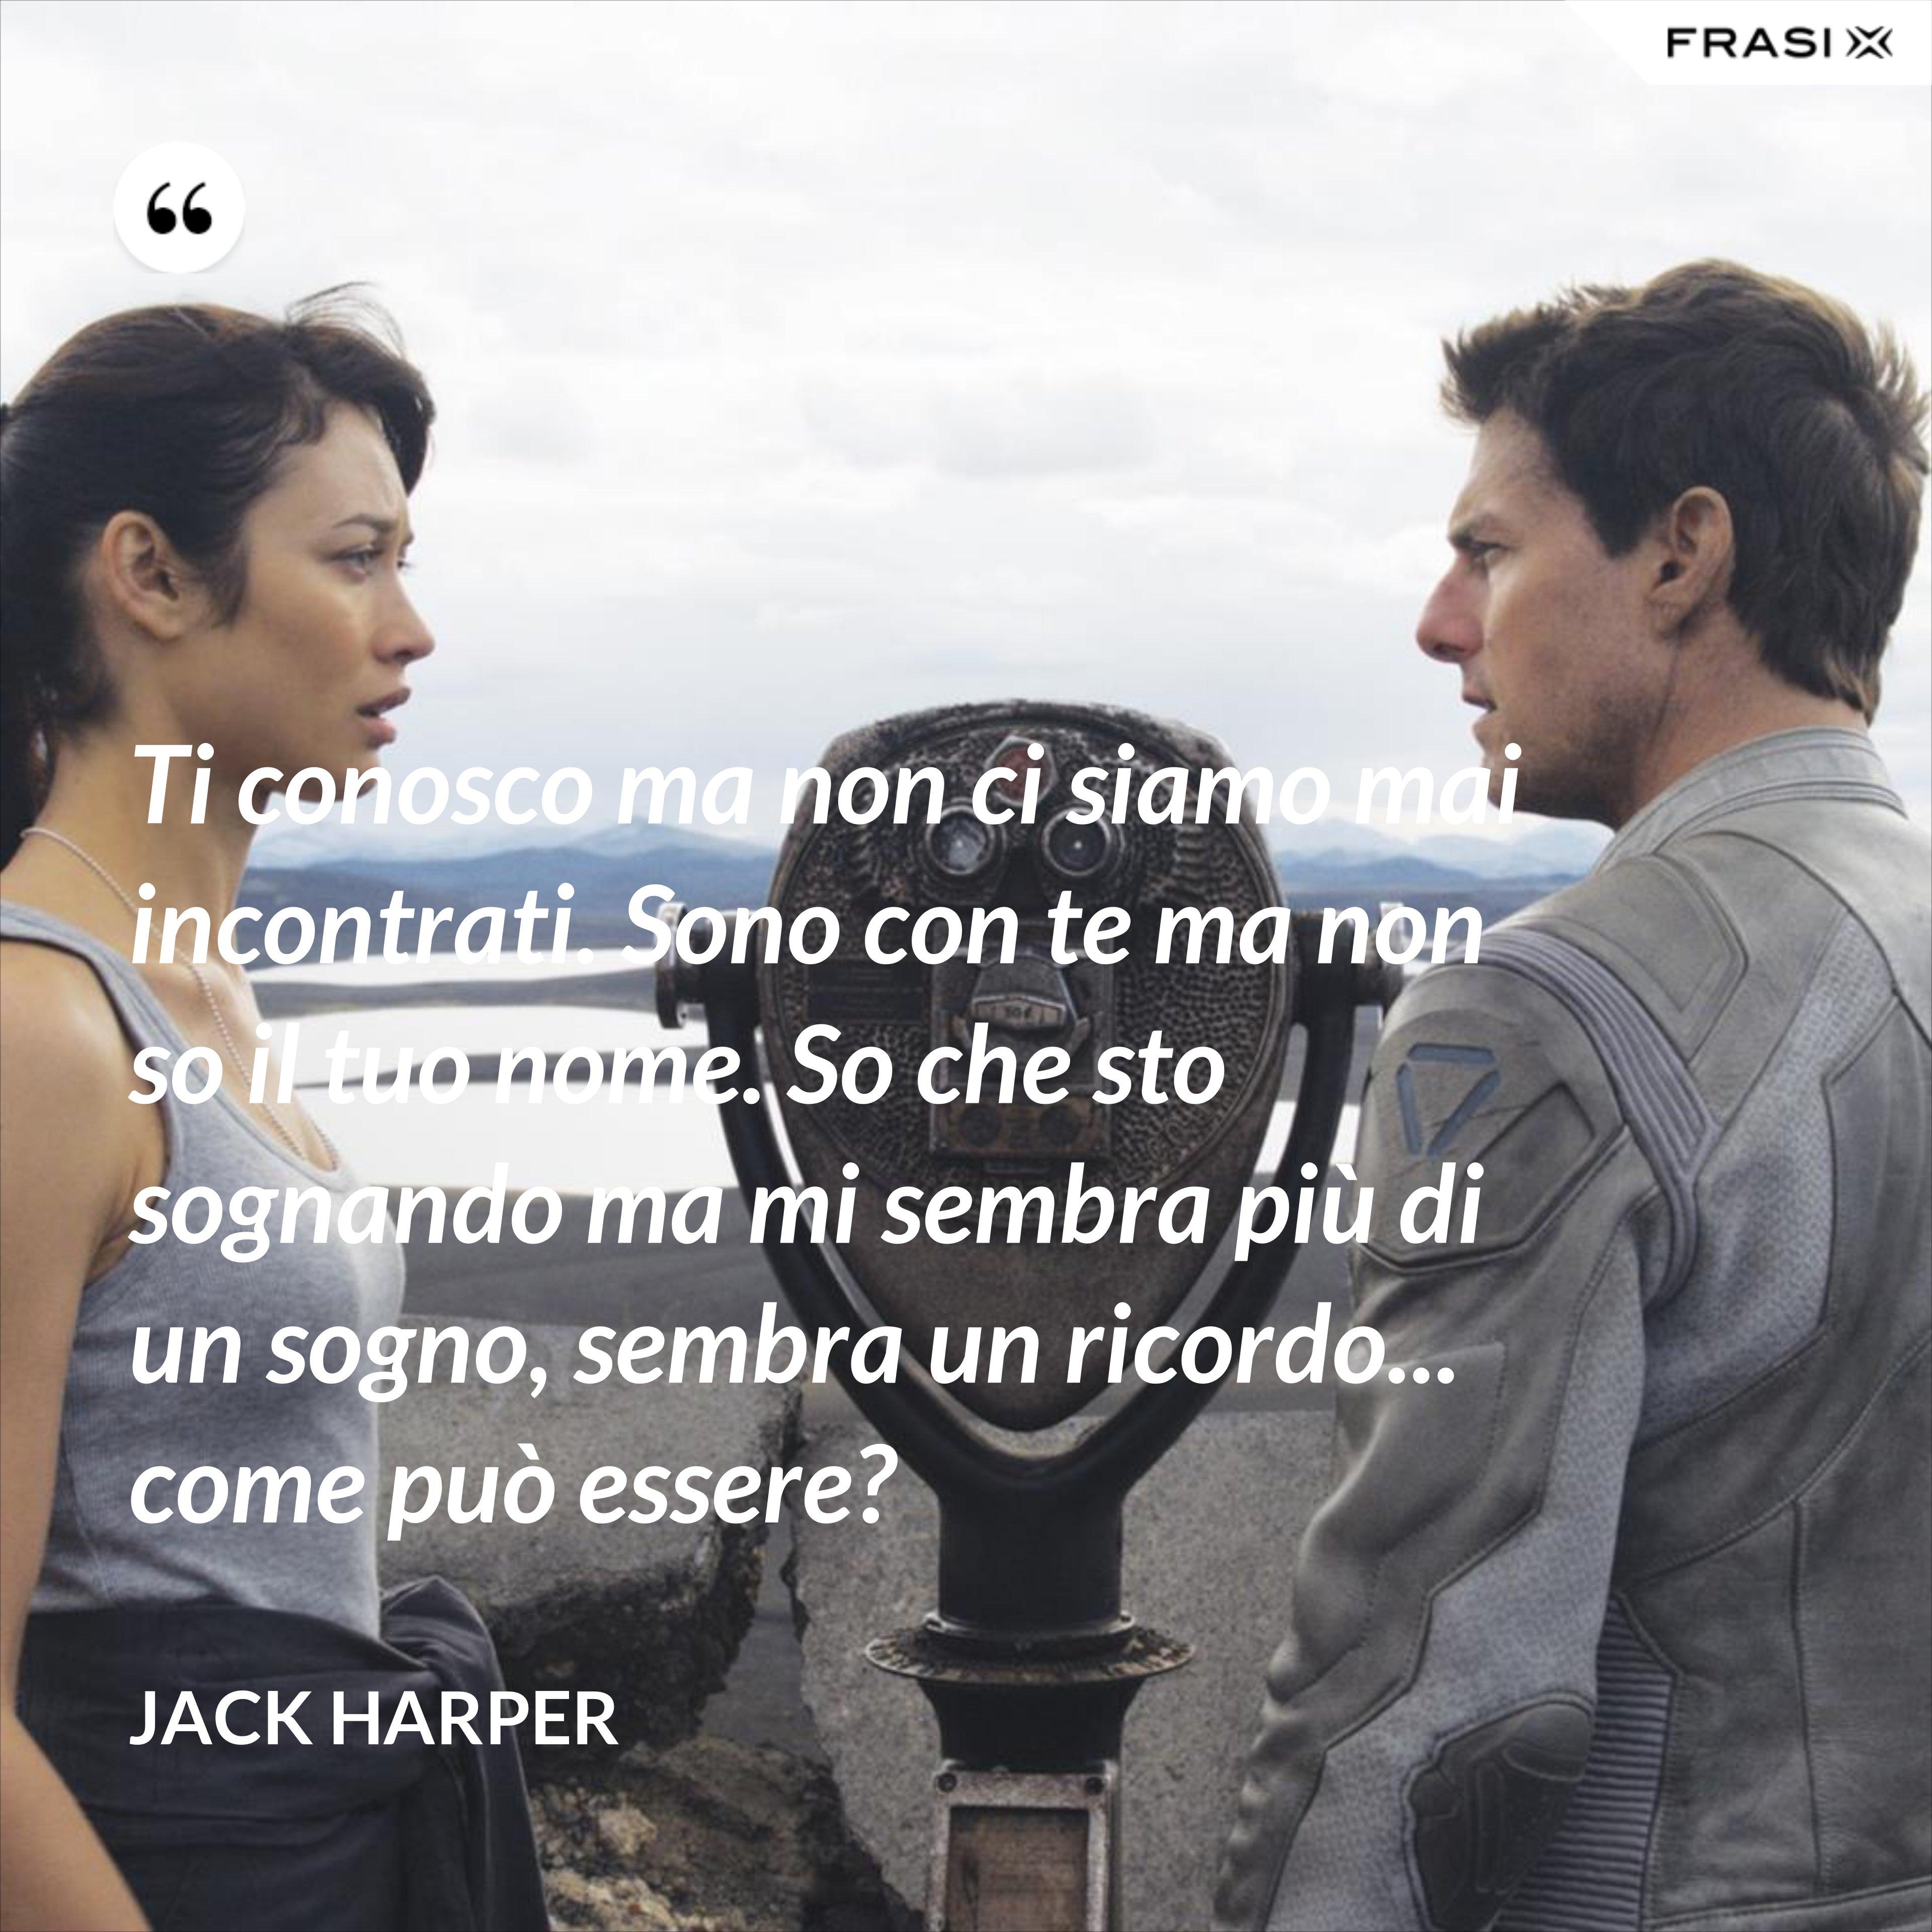 Ti conosco ma non ci siamo mai incontrati. Sono con te ma non so il tuo nome. So che sto sognando ma mi sembra più di un sogno, sembra un ricordo... come può essere? - Jack Harper